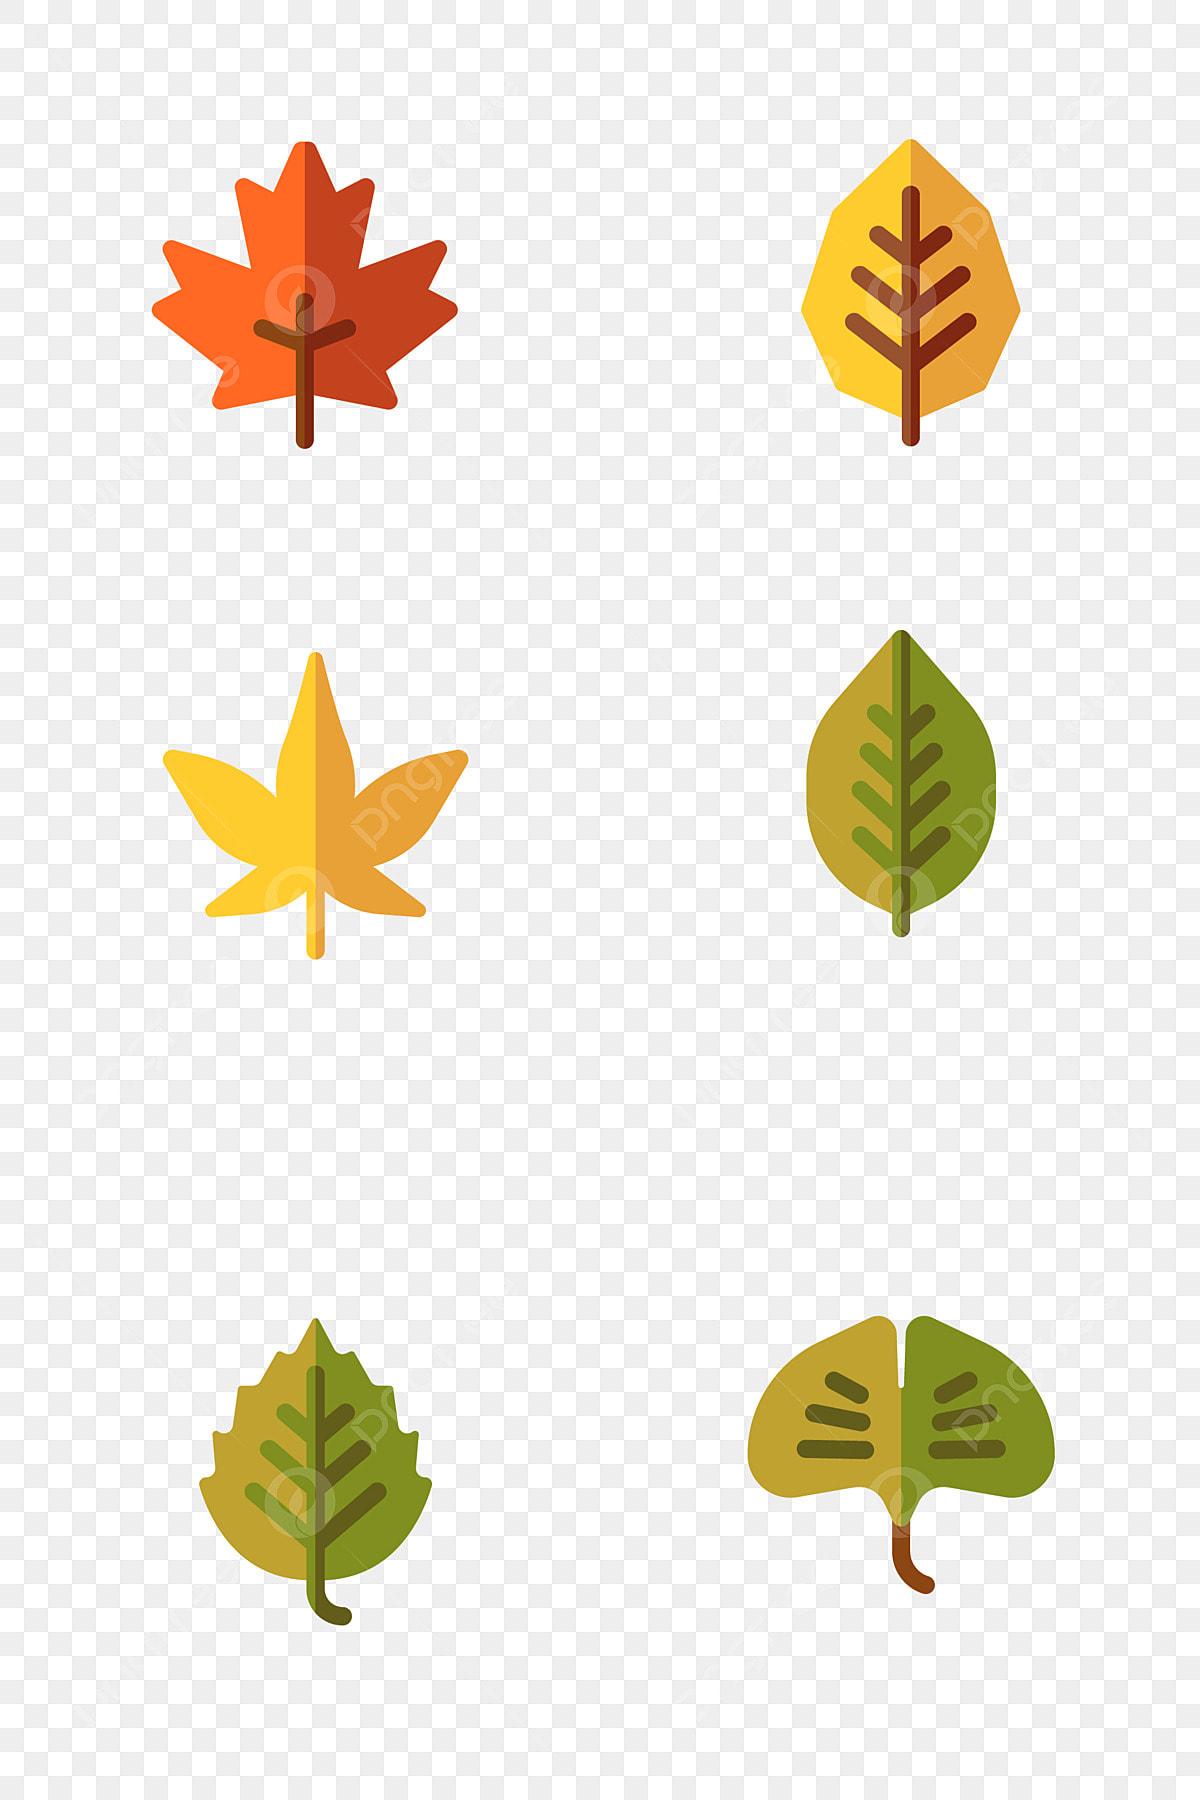 árvores Folha De árvore Folhas Folhas Verdes Folha Clipart Folhas Vermelhas Folhas Amarelas Imagem Png E Vetor Para Download Gratuito